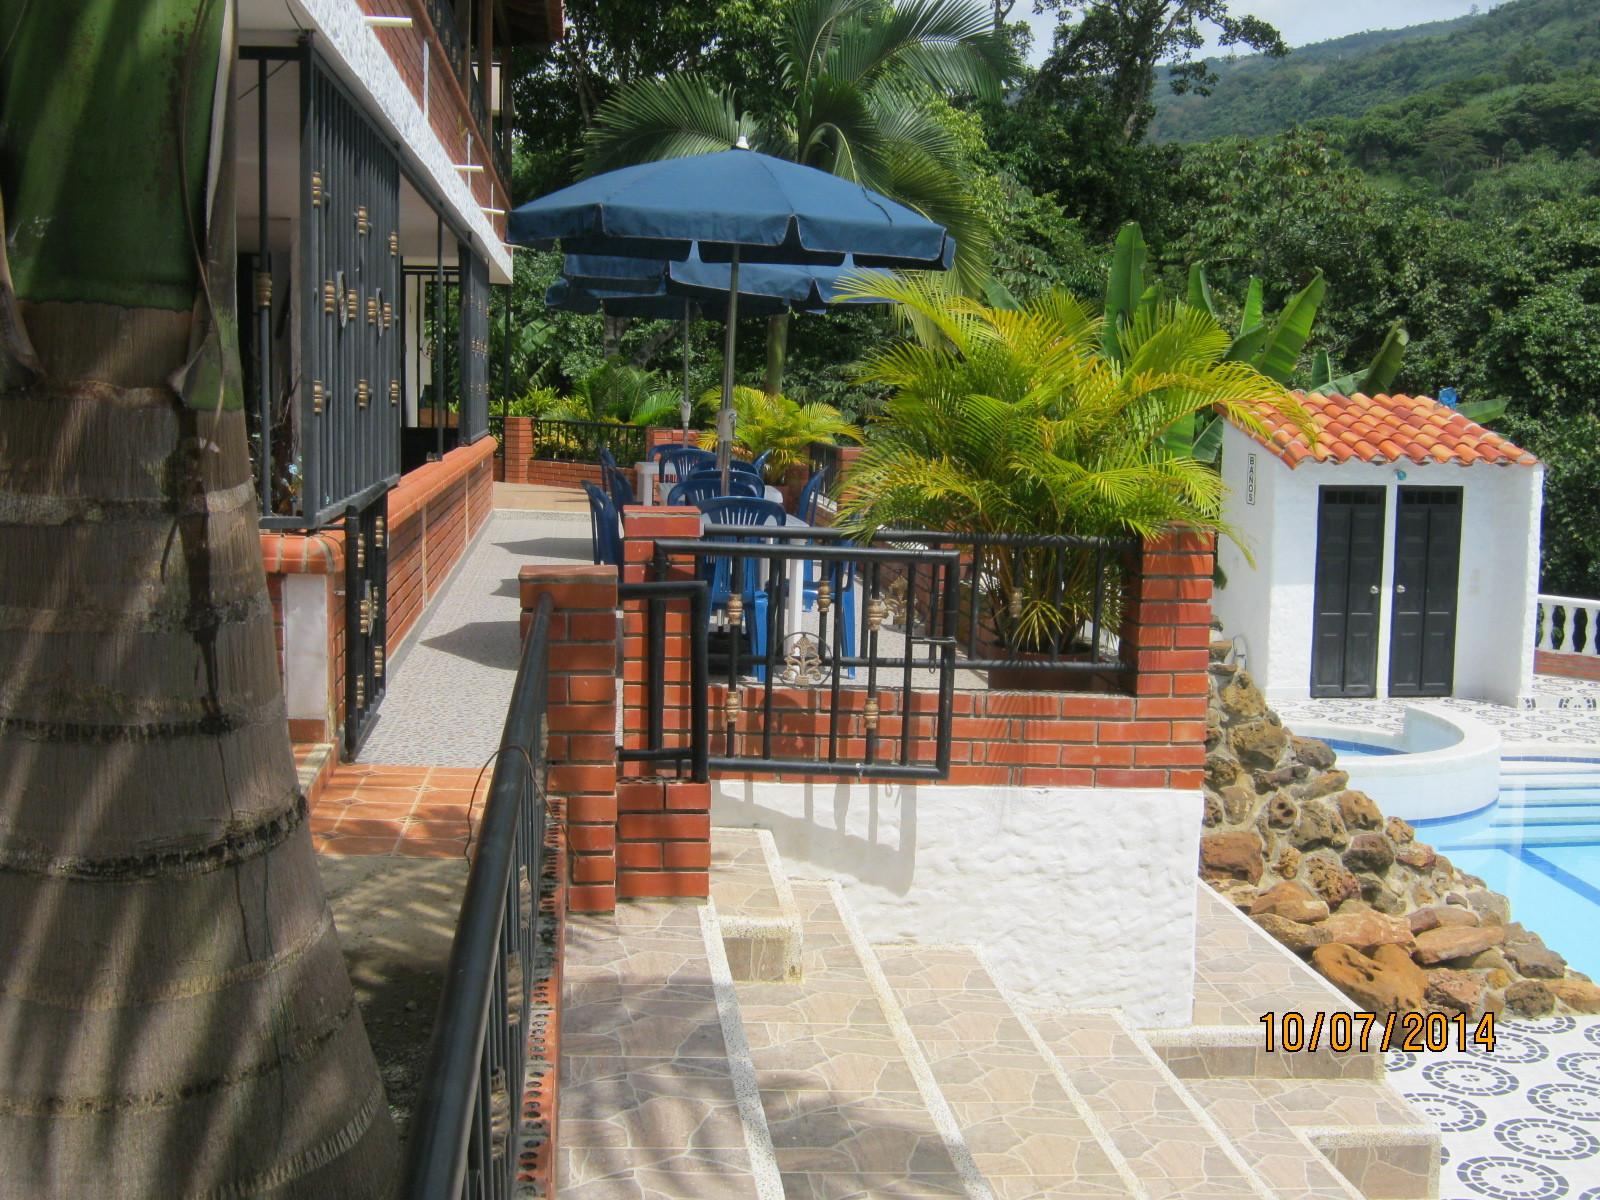 Hotel en san gil, cabañas y fincas en san gil, barichara, canotaje, hoteles con piscina en sangil, cabañas en curiti, acuaparque, parque nacioncal del chicamocha